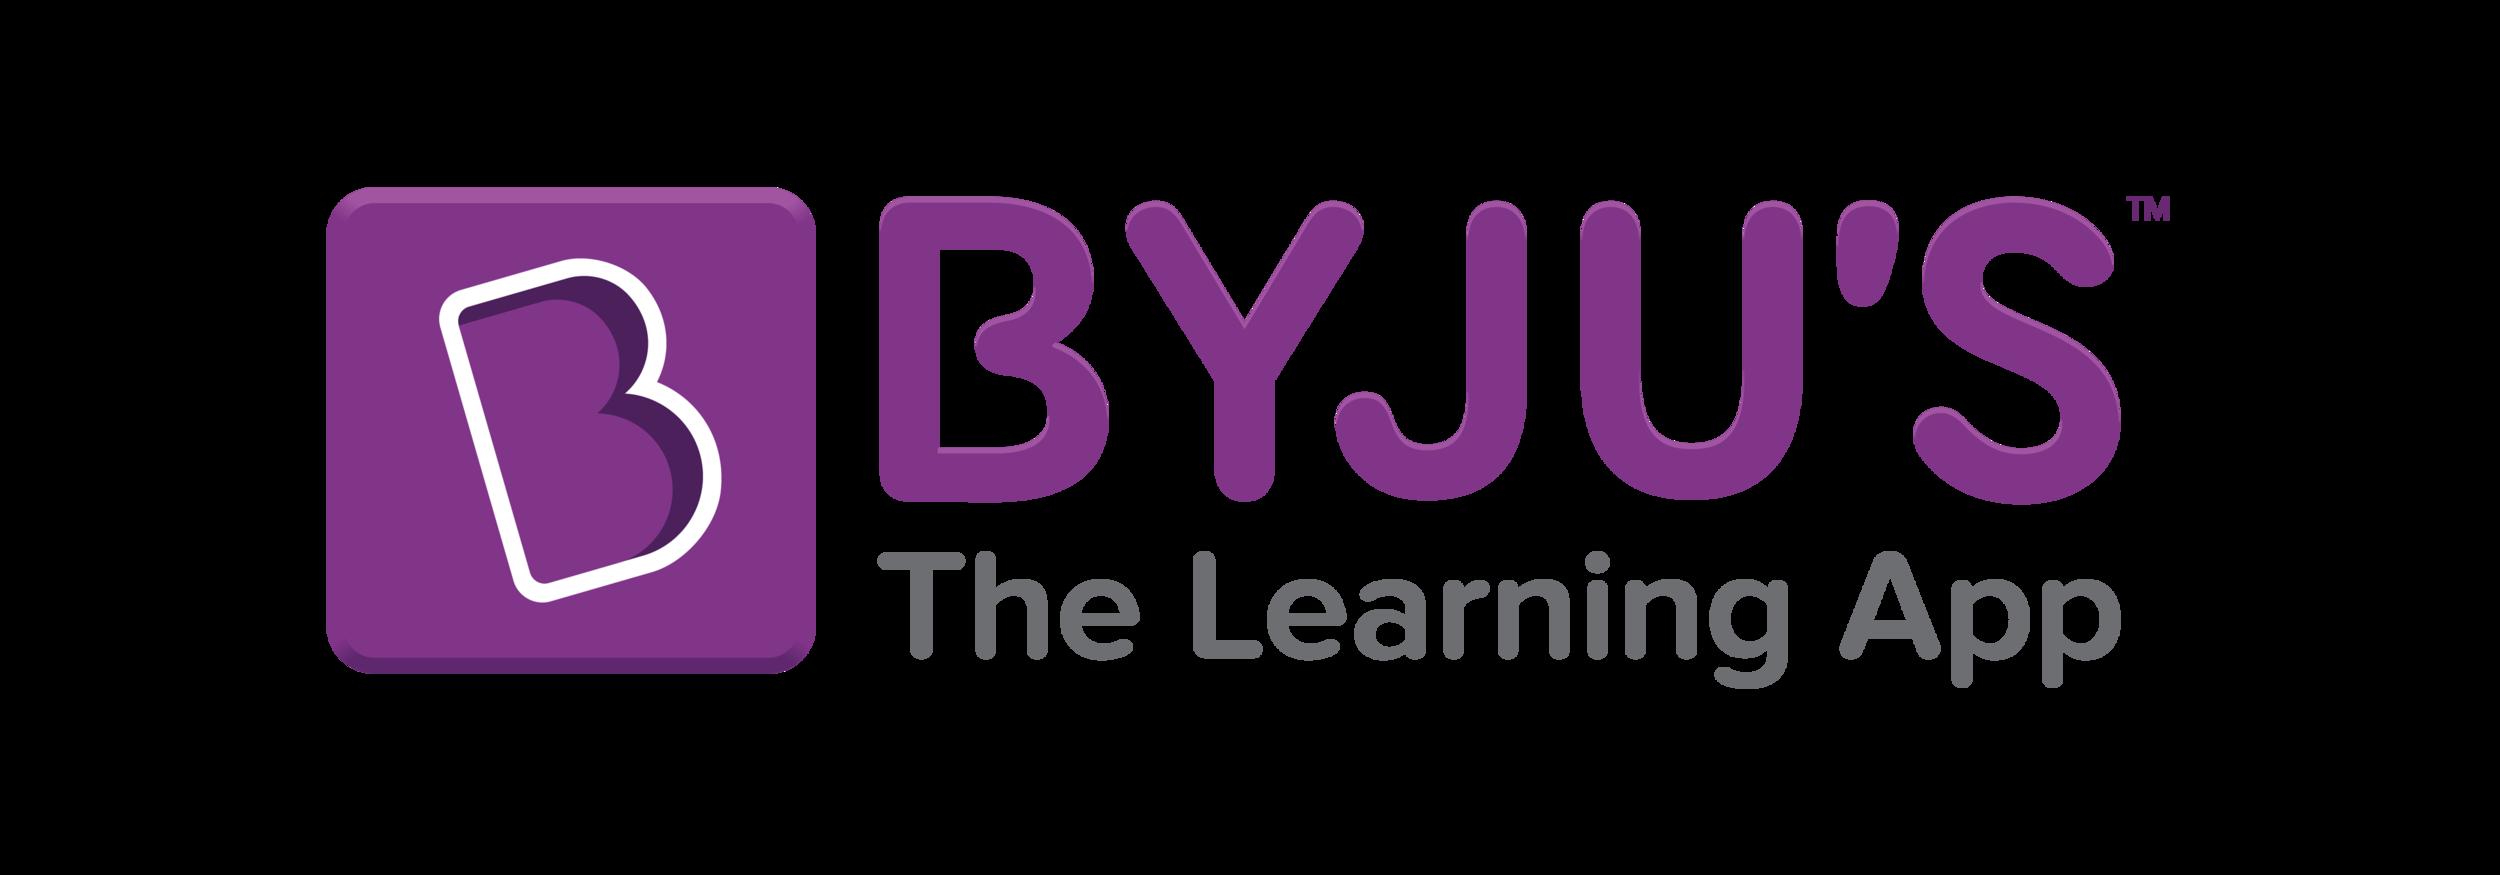 BYJU's logo-2.png